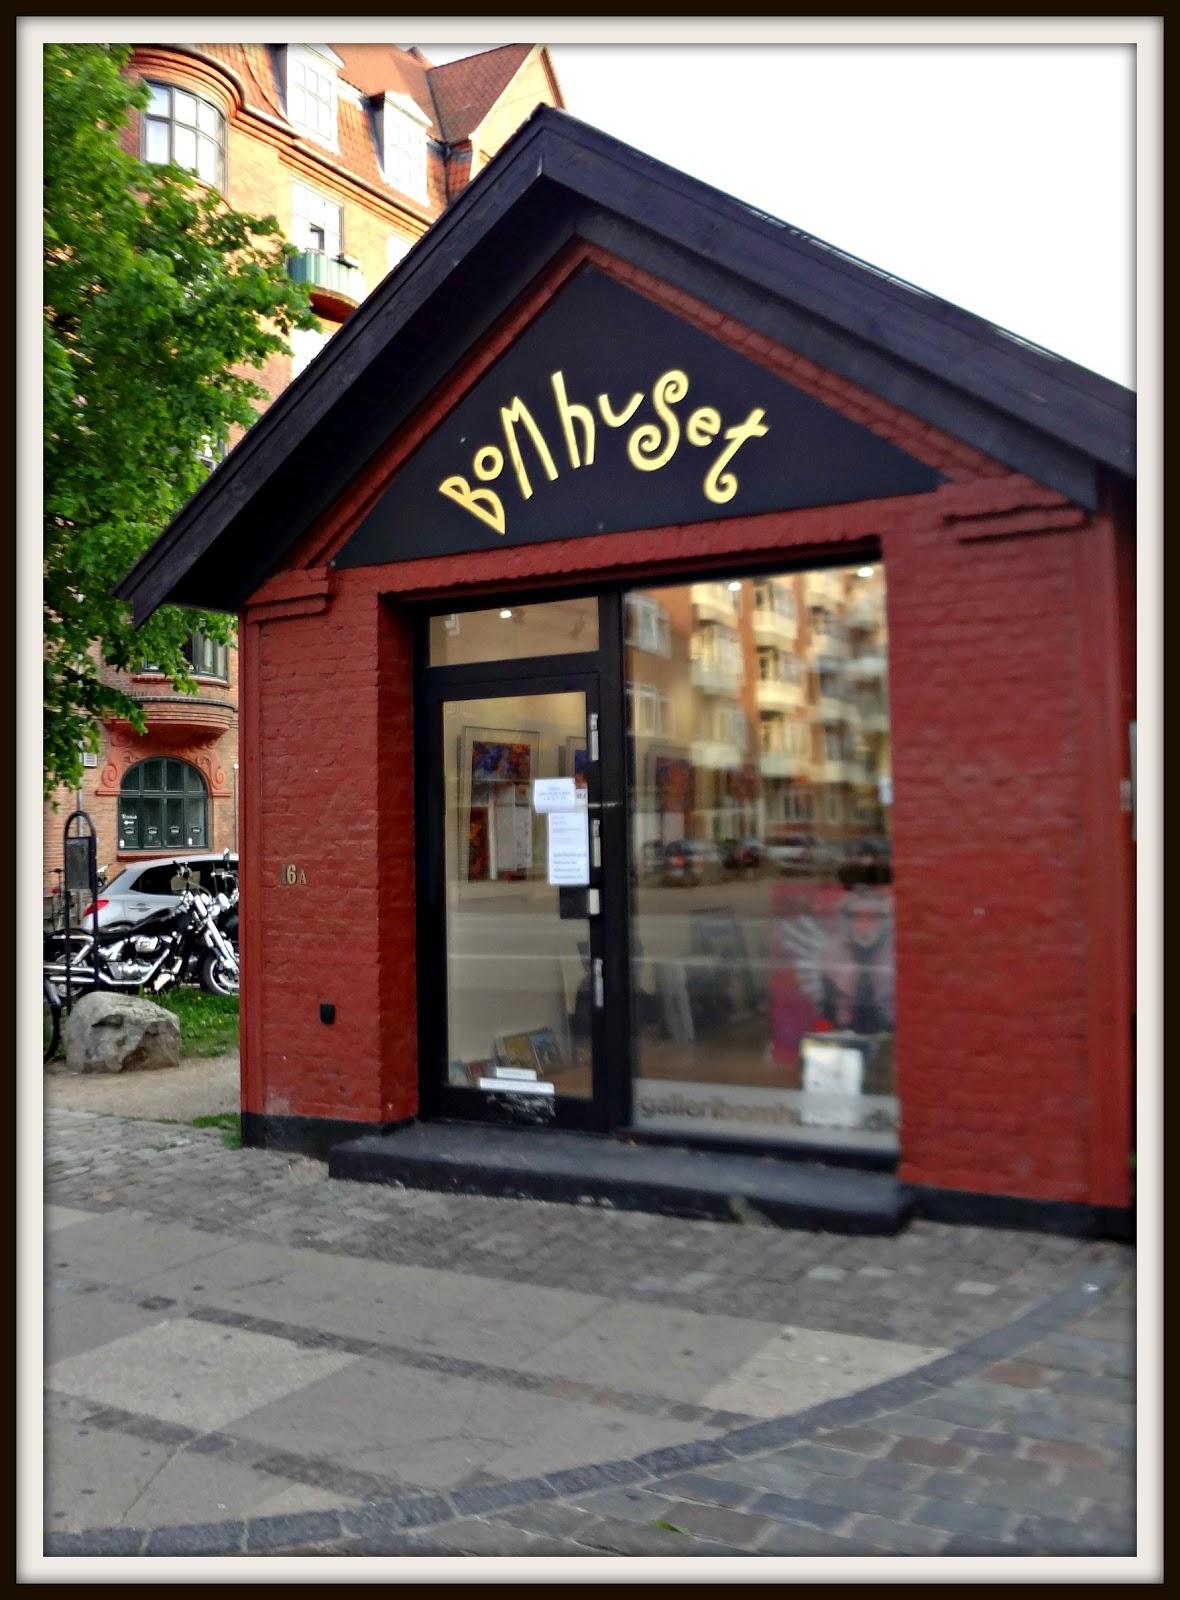 http://2.bp.blogspot.com/-RDqn82PjQDQ/T8CsgaagbpI/AAAAAAAAA9c/GHUwcJ4yOuA/s1600/bomhuset.jpg